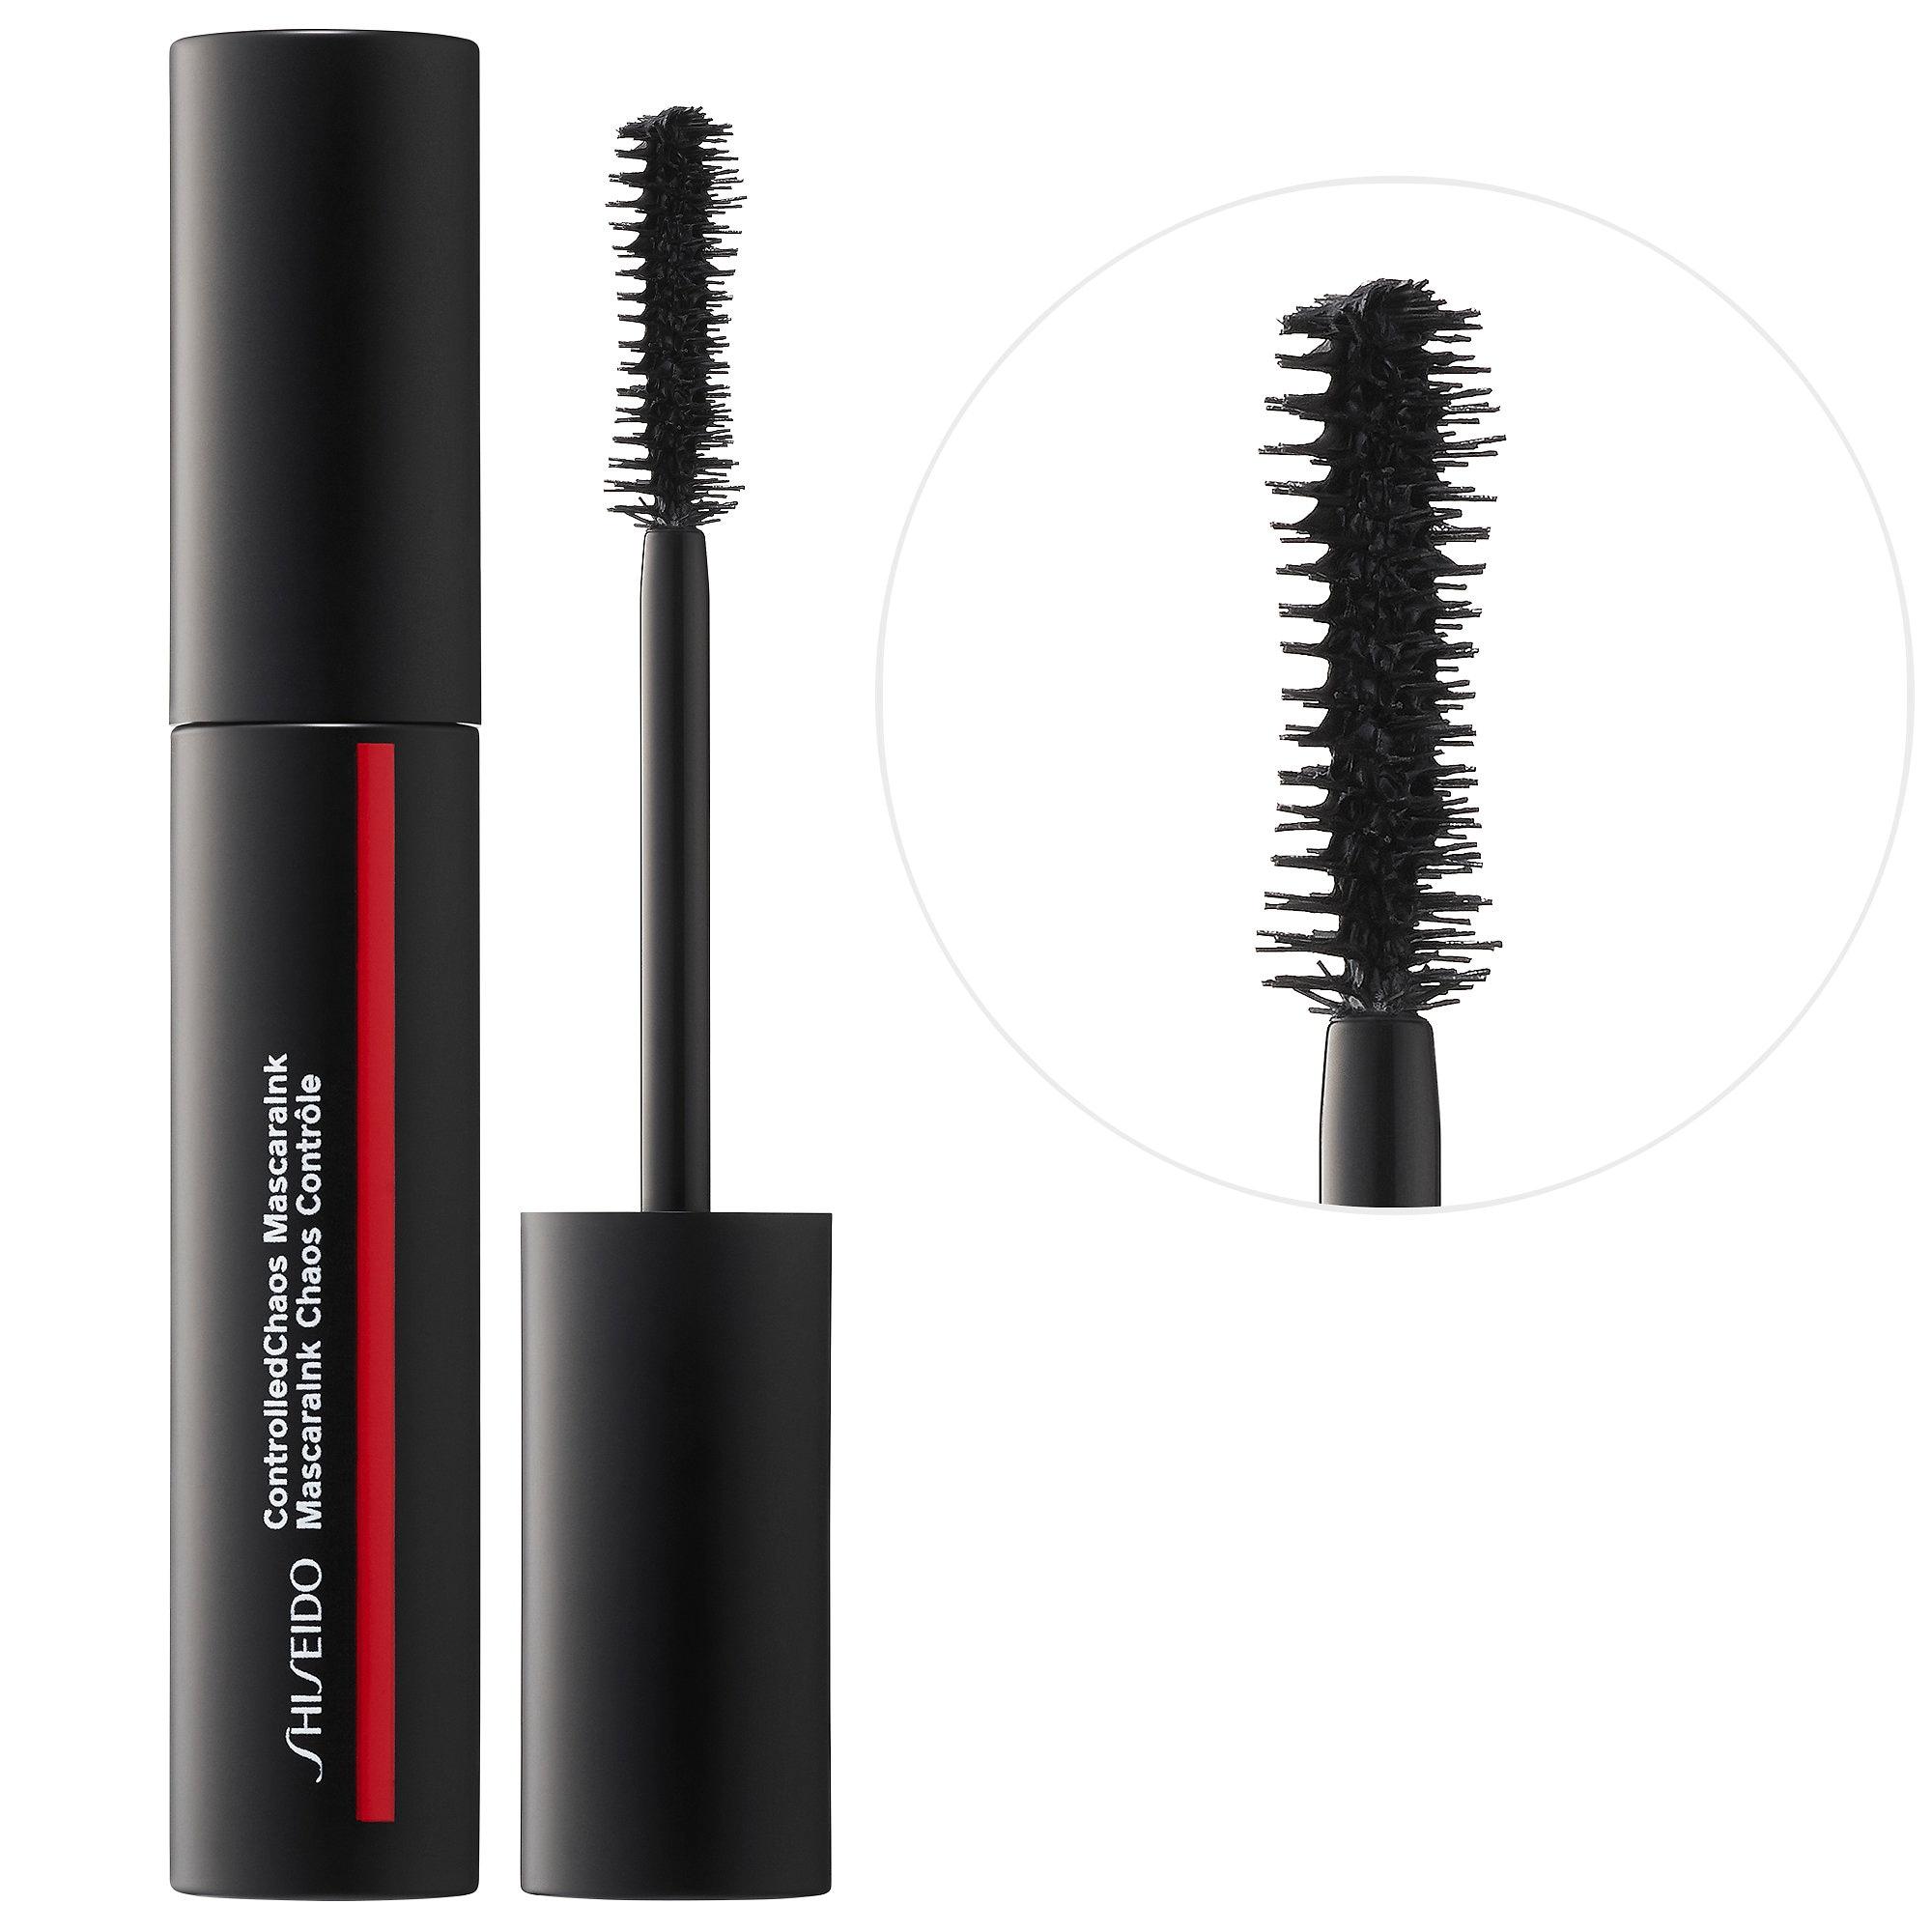 Shiseido - ControlledChaos Volumizing Mascara Ink